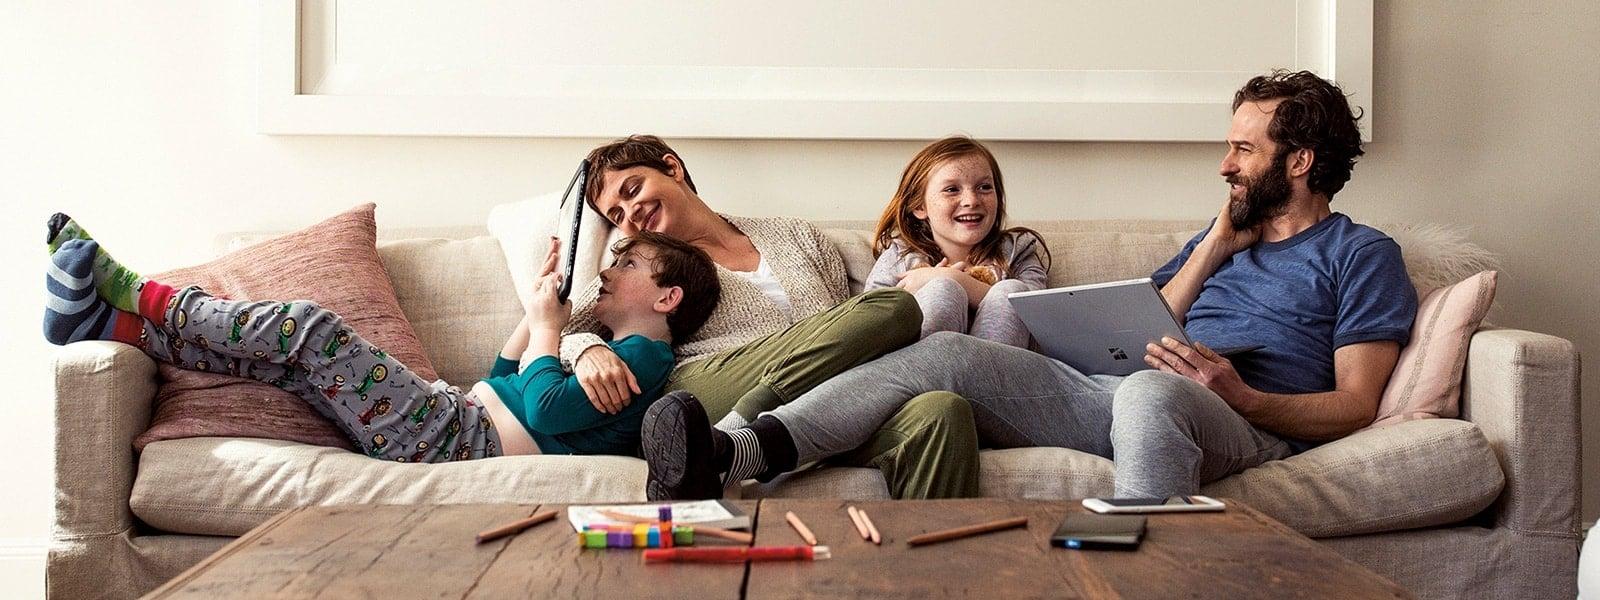 Rodina ležící na pohovce